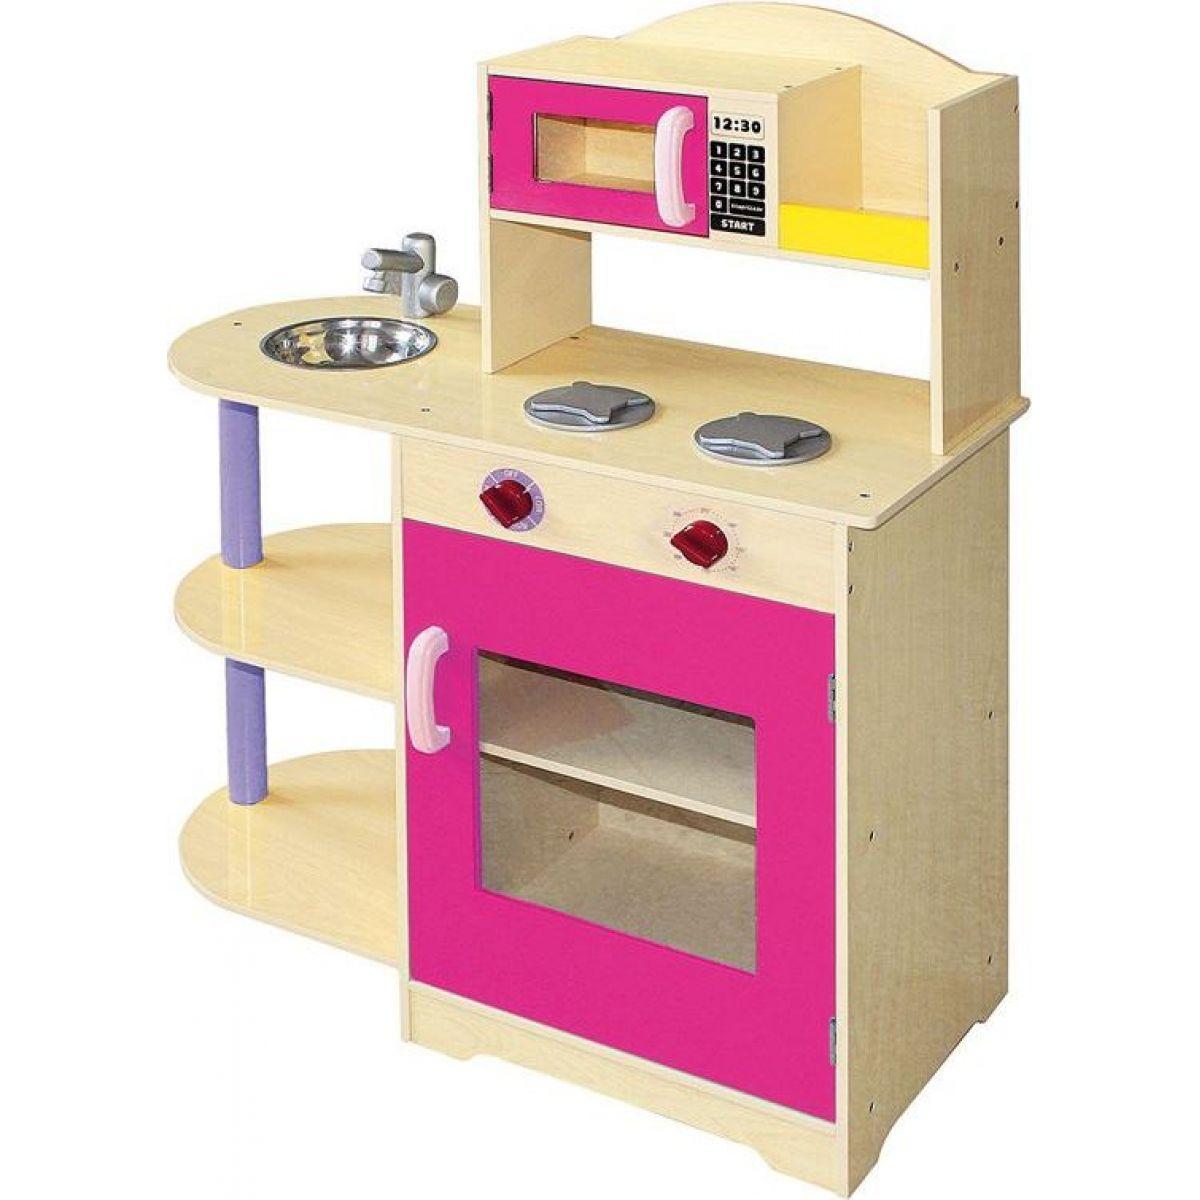 Bino Dětská kuchyňka s mikrovlnnou troubou